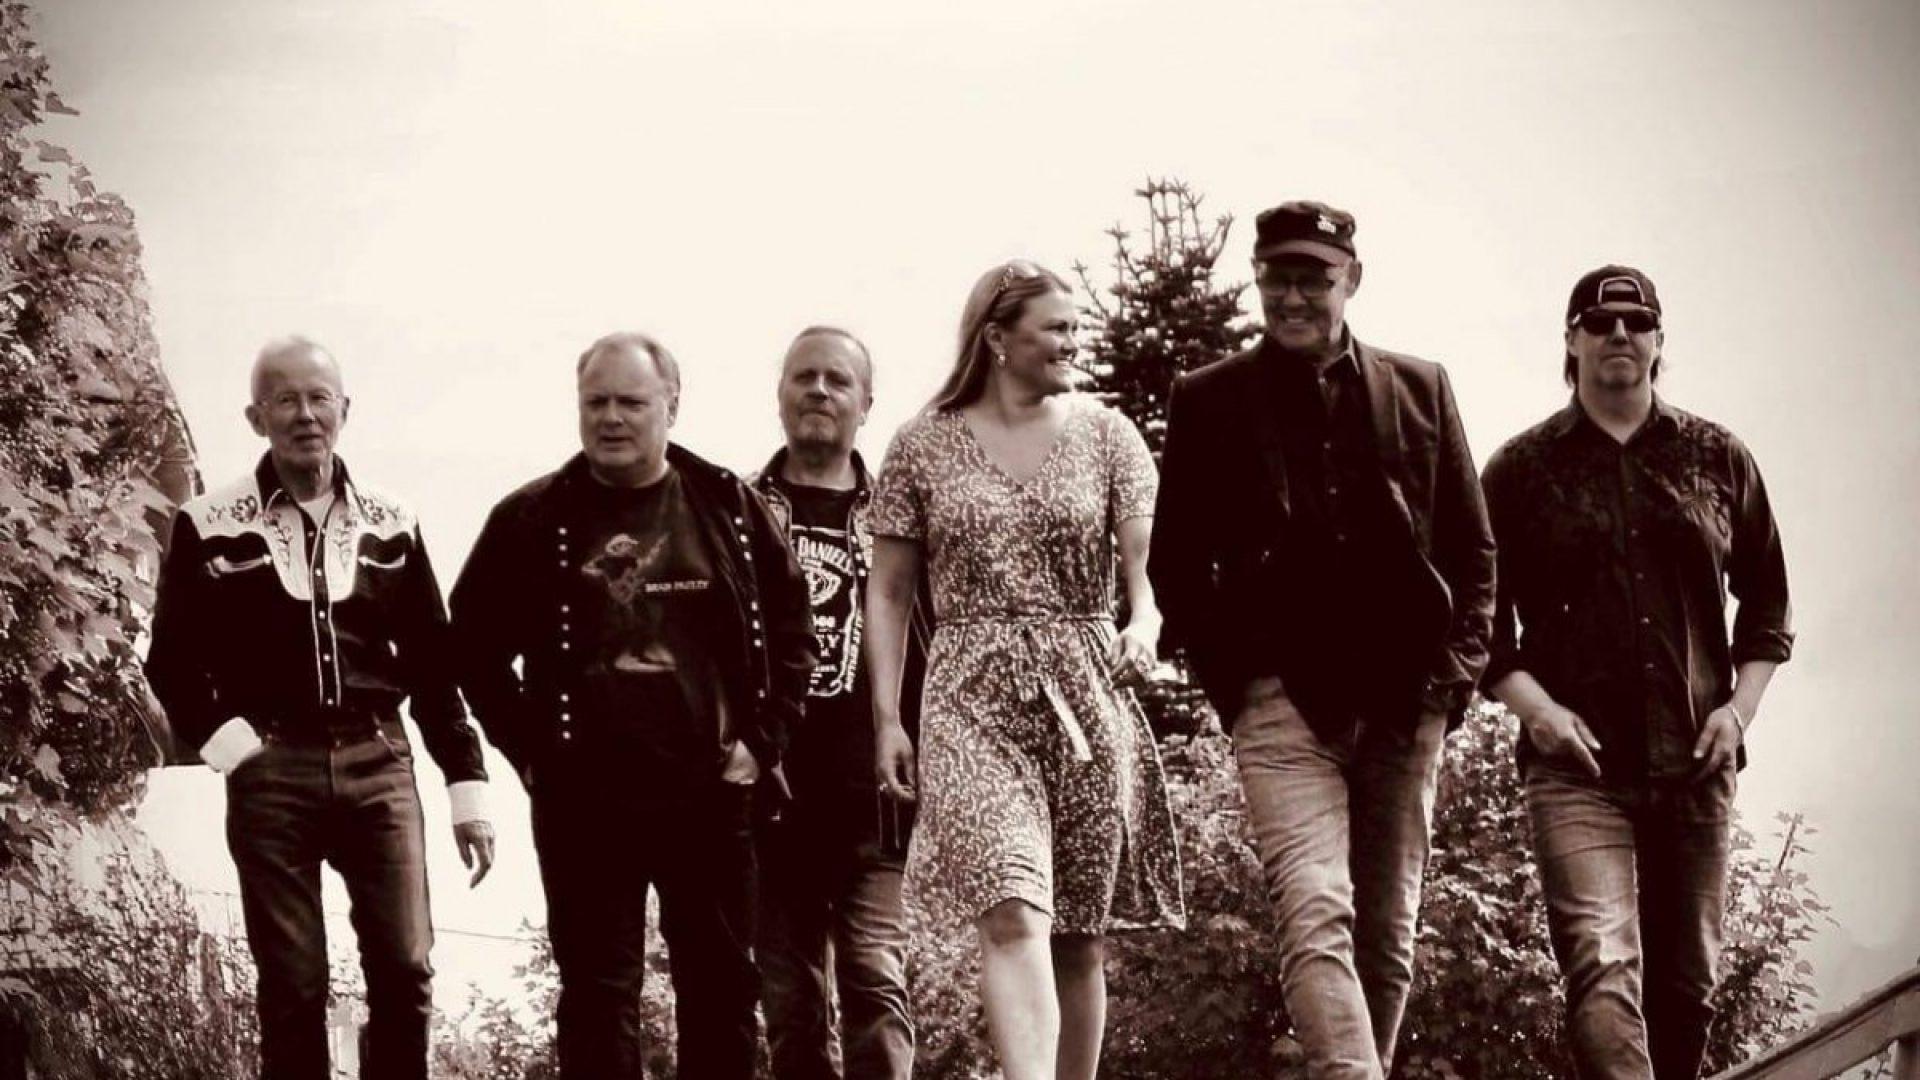 Hans Arne Forsback band - coverbilde av mandmedlemmene